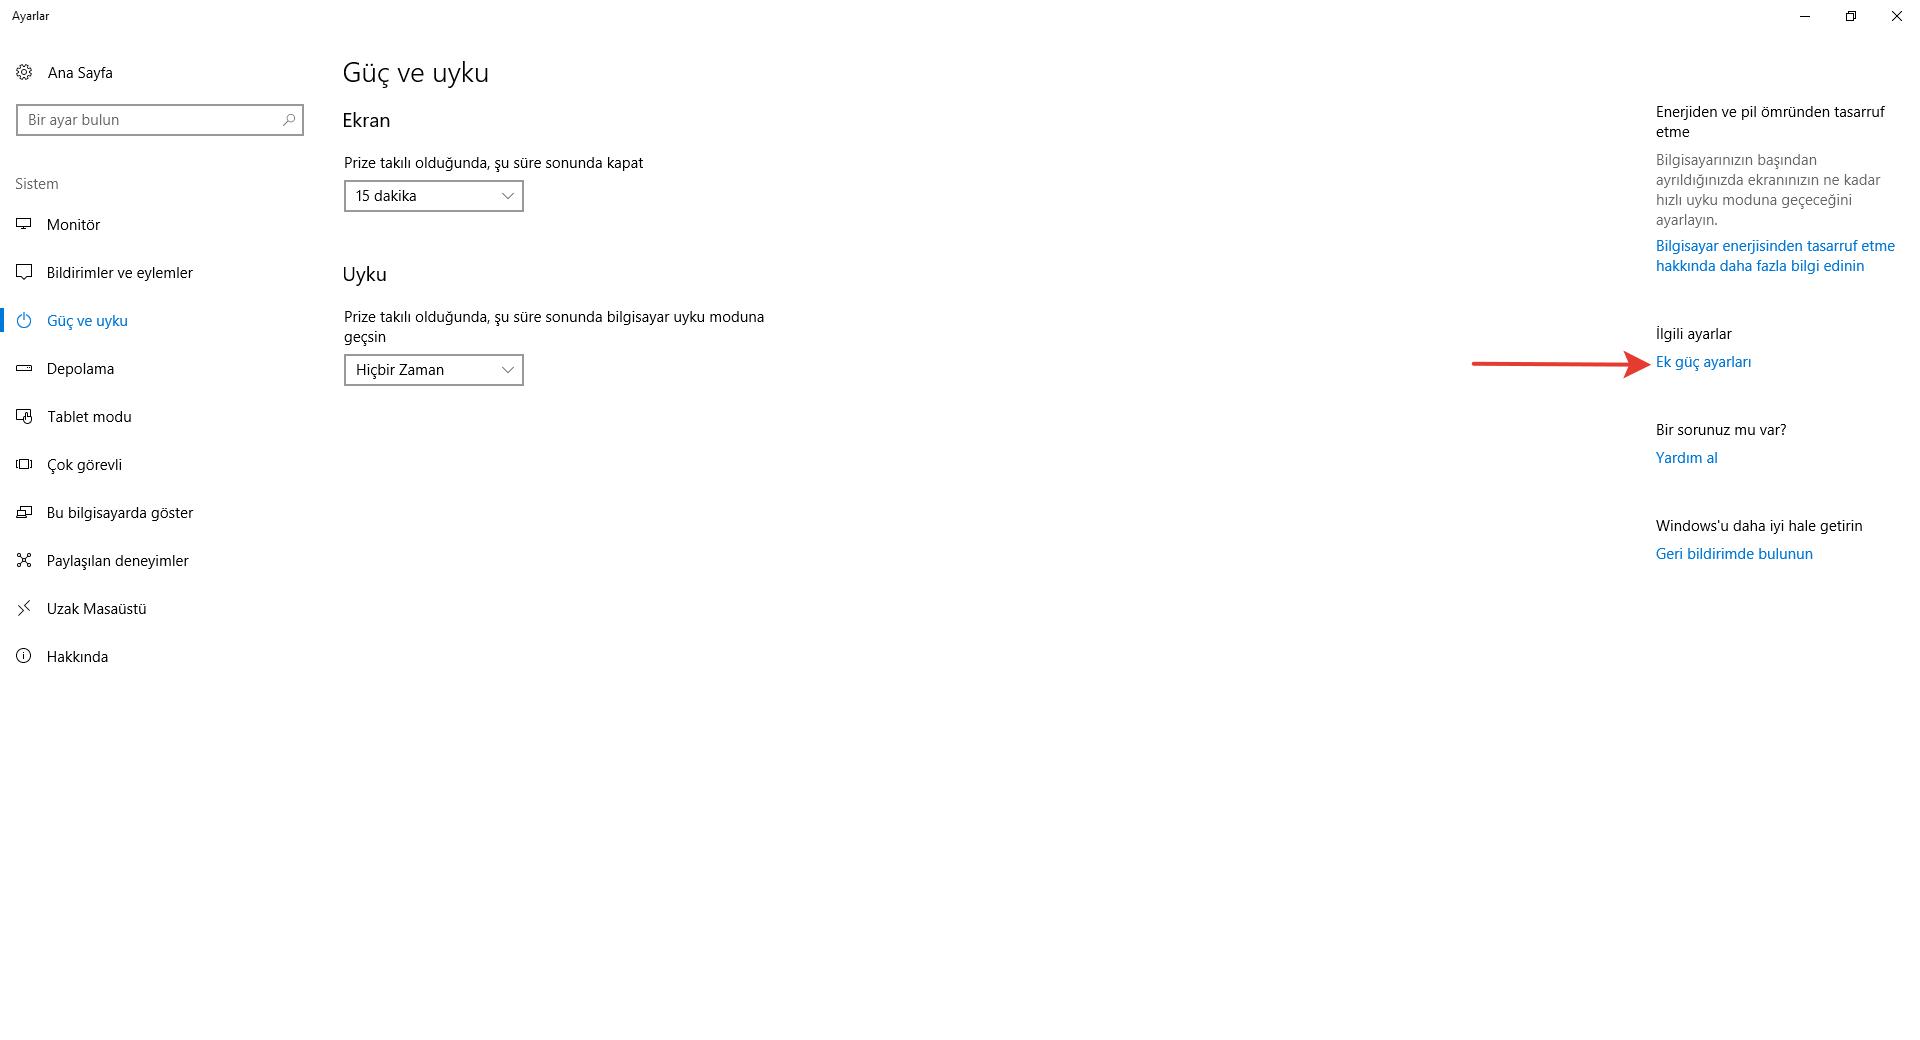 Windows 7/8/8.1/10 Uyku Modu Sorunu 4